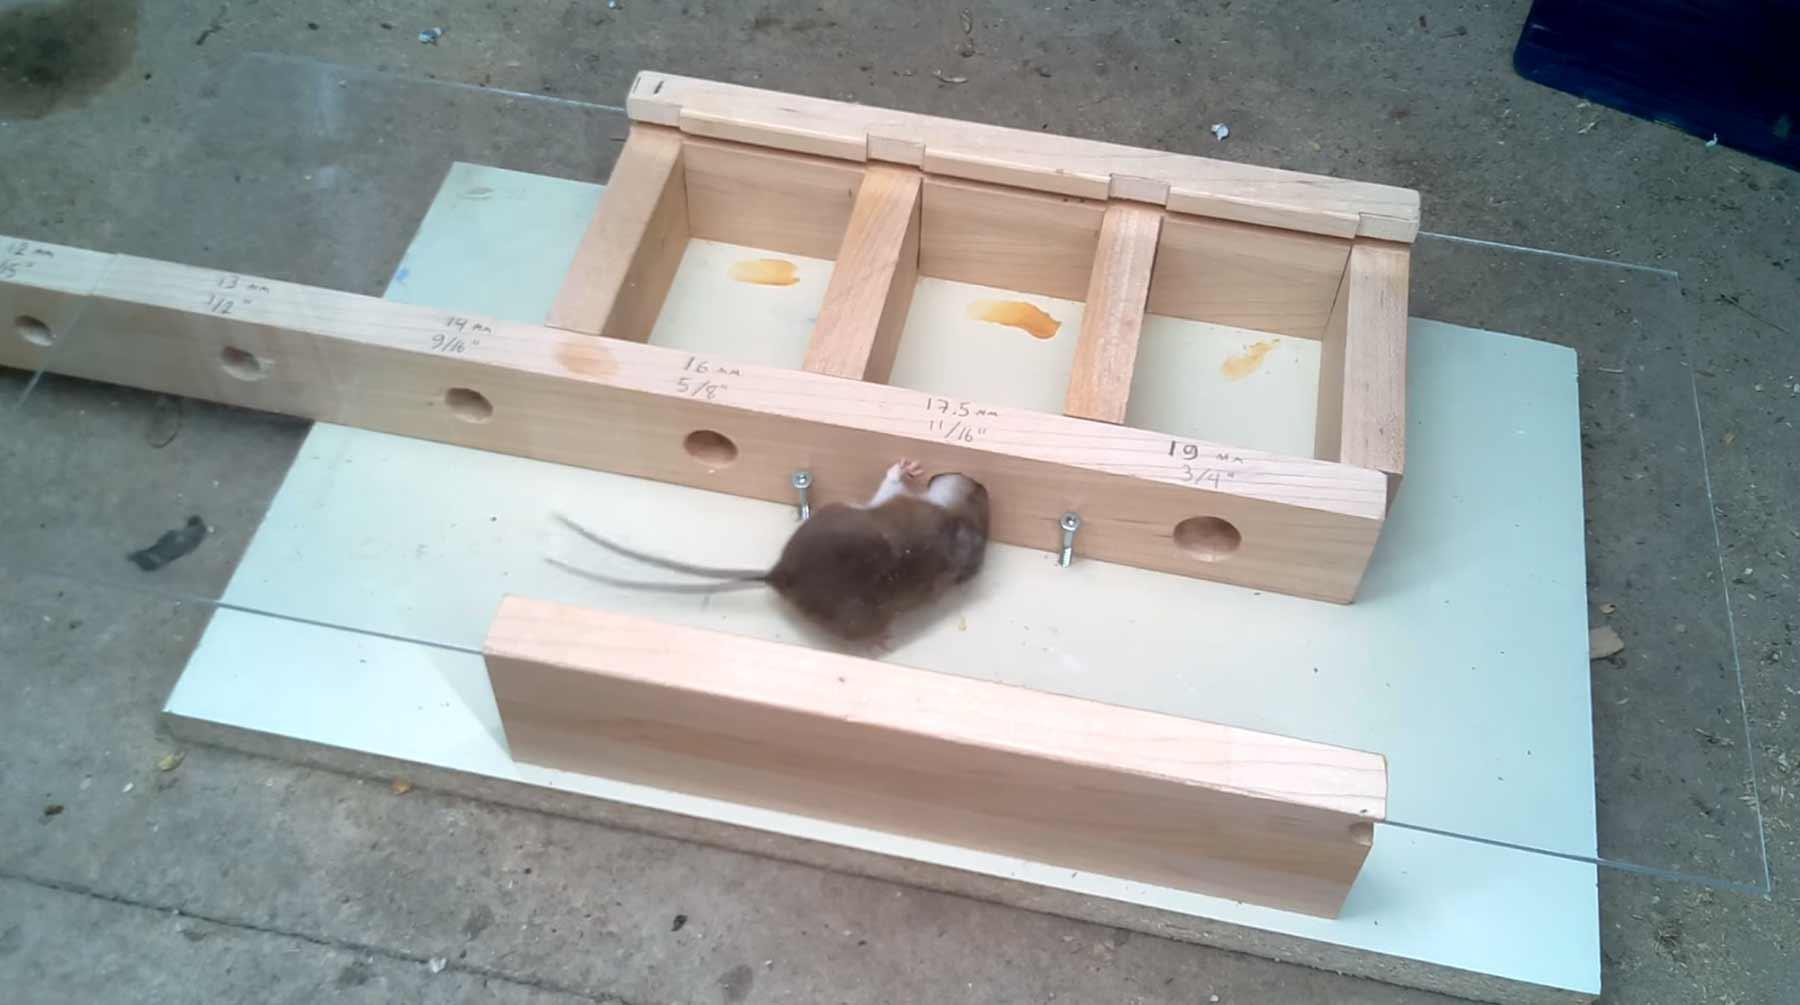 wie klein kann ein loch sein damit eine maus noch durchpasst. Black Bedroom Furniture Sets. Home Design Ideas